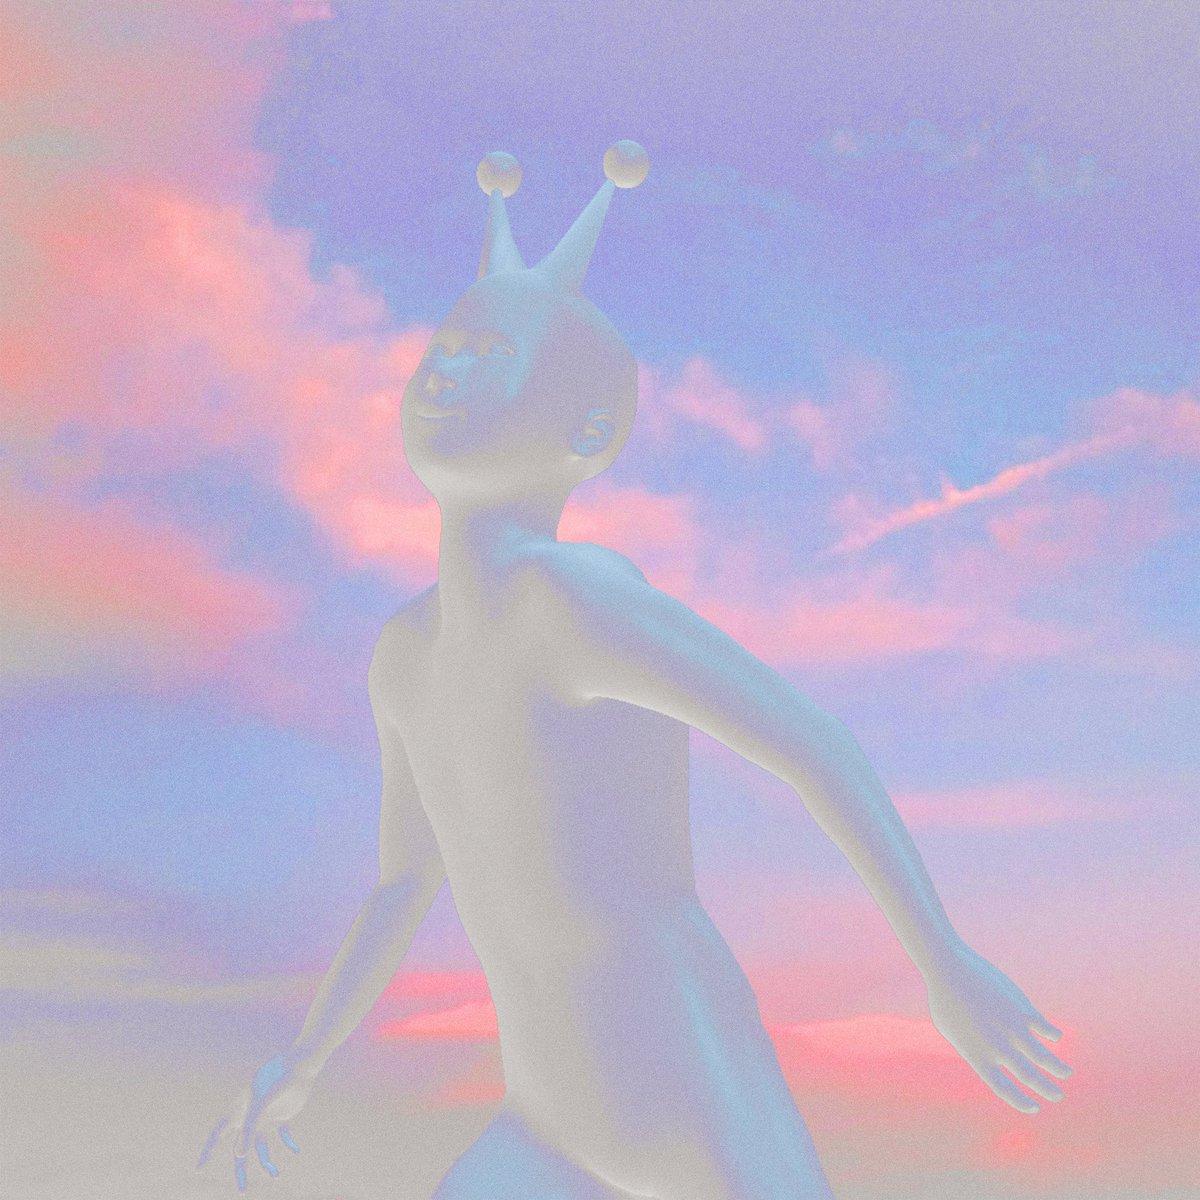 ニューアルバム「Lucid Dreaming」をリリースしました。14曲を通して、伝えたいことすべて音で物語にしました。夢と現実を旅する音楽。この42分間が、だれかにとって特別な安らげる時間になりますように。未来にながく残りますように。全部、ここに。#LucidDreaming